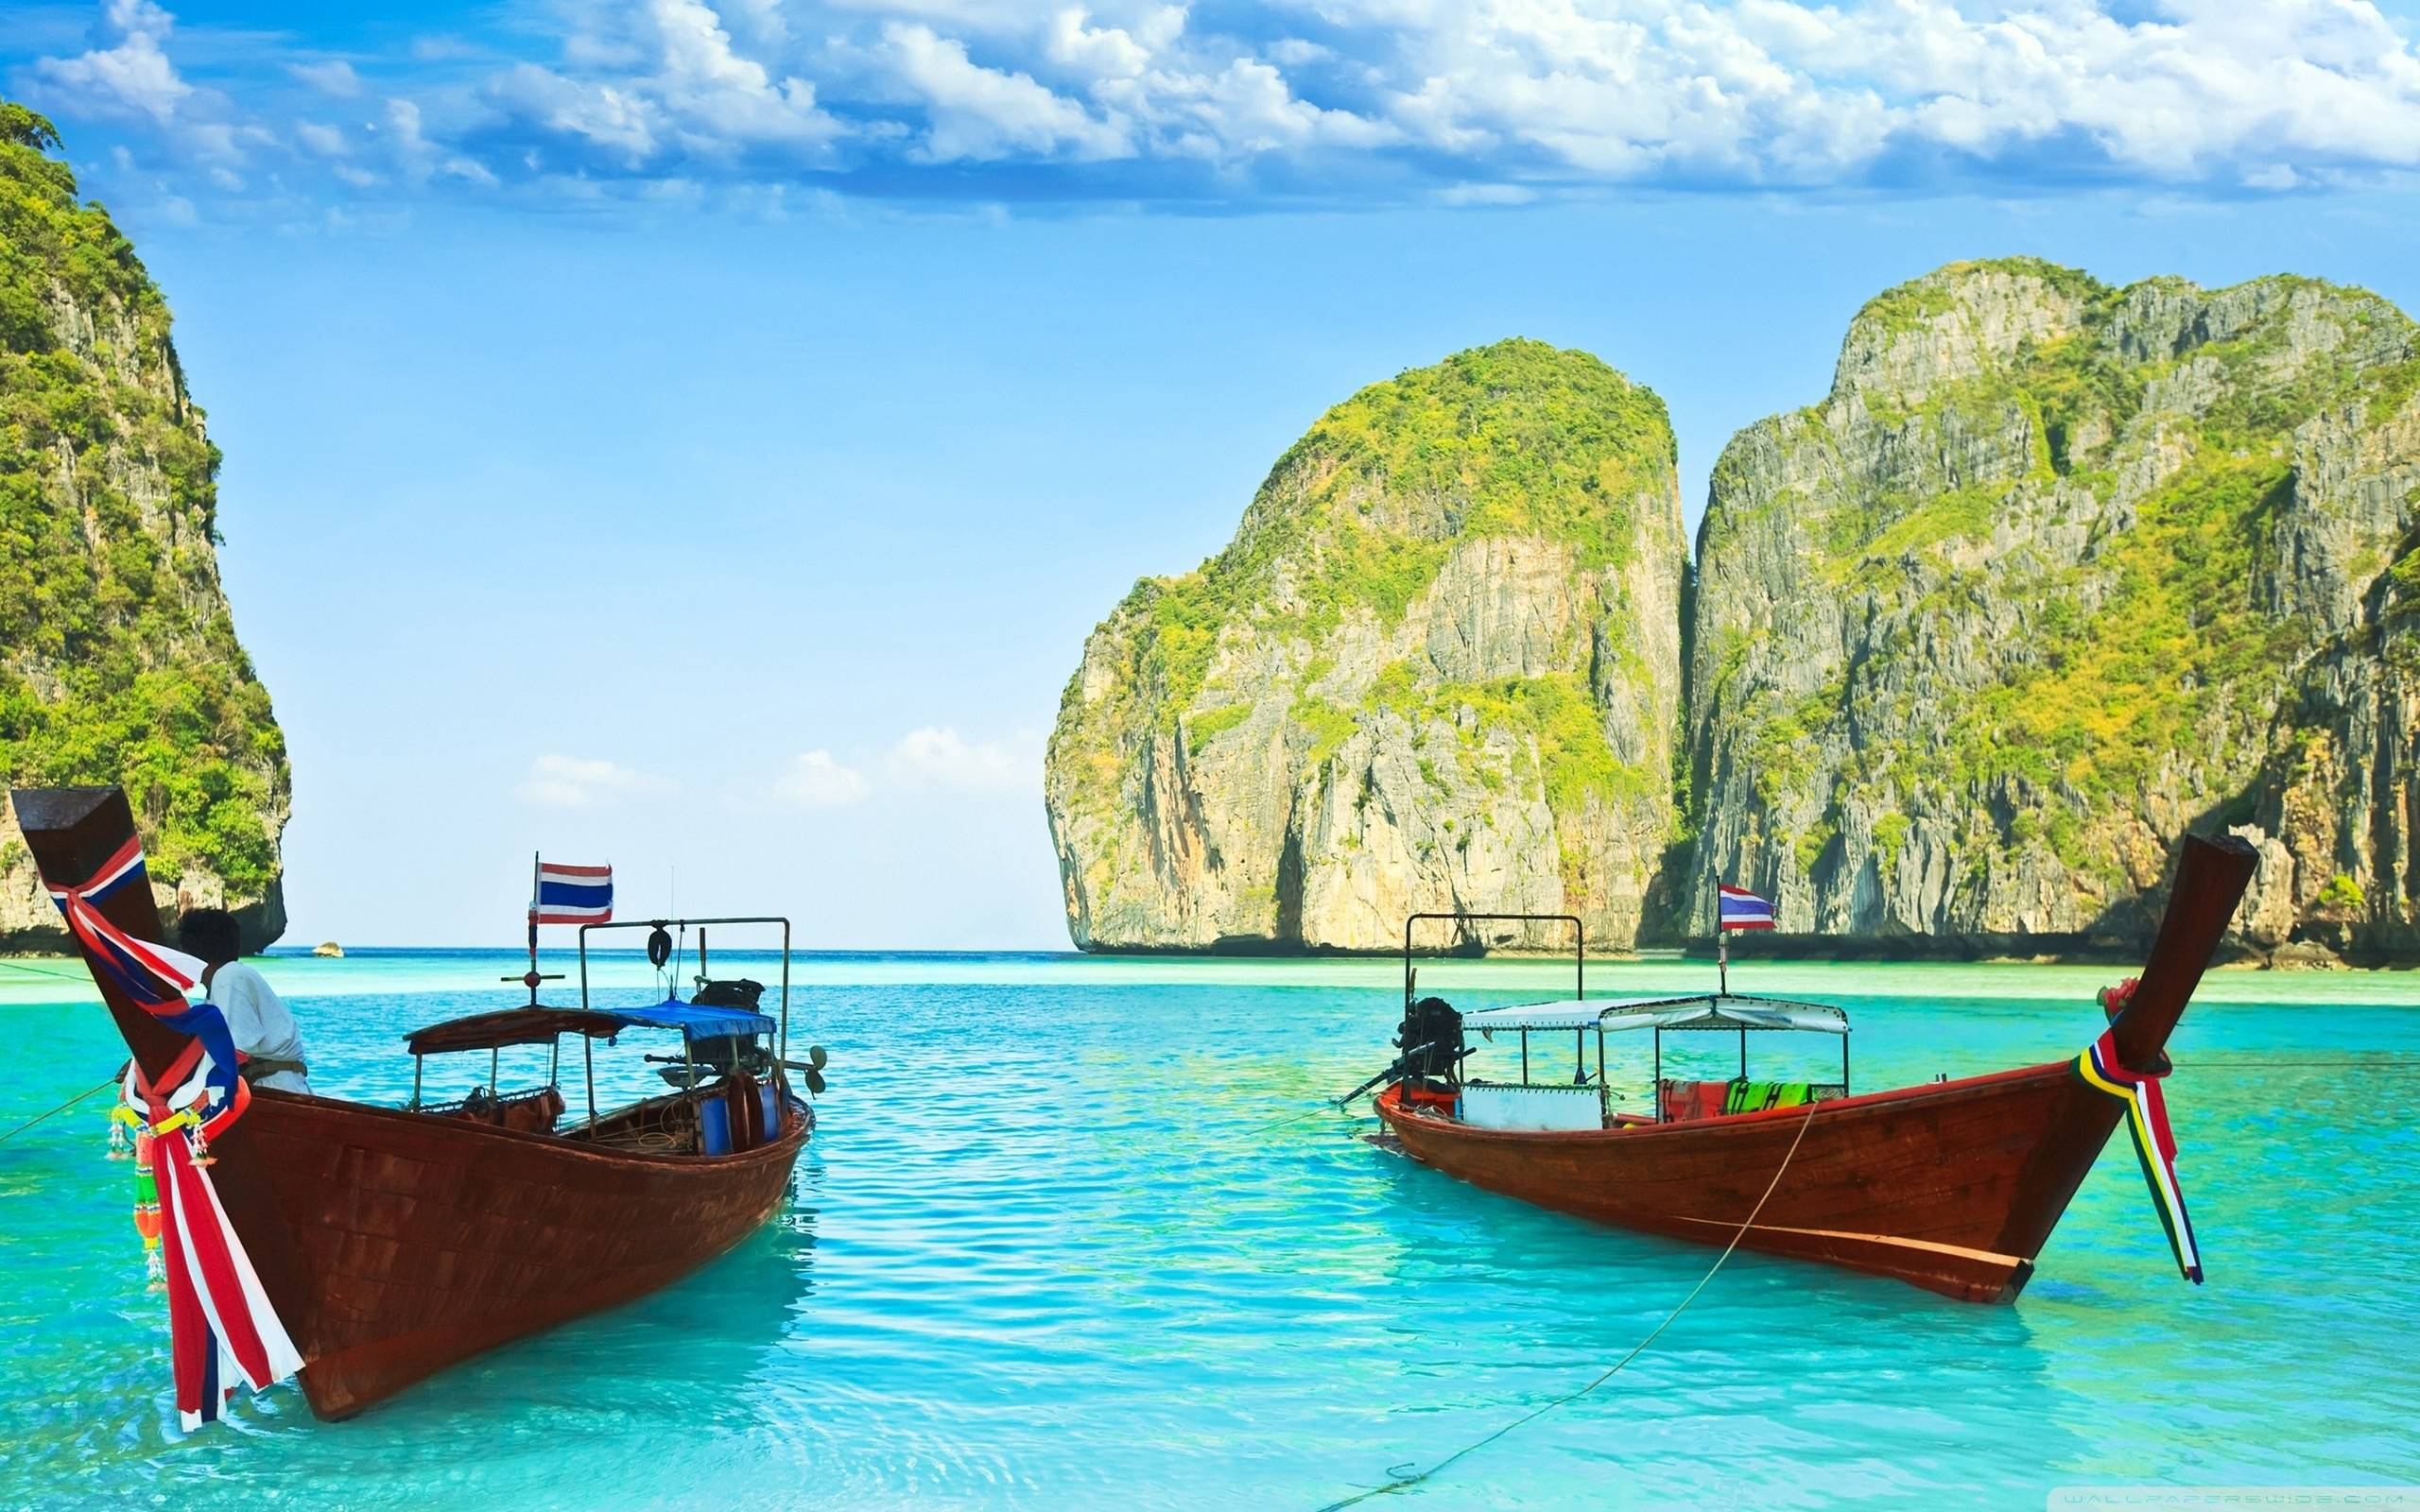 Thailand Beach Wallpapers 2560x1600